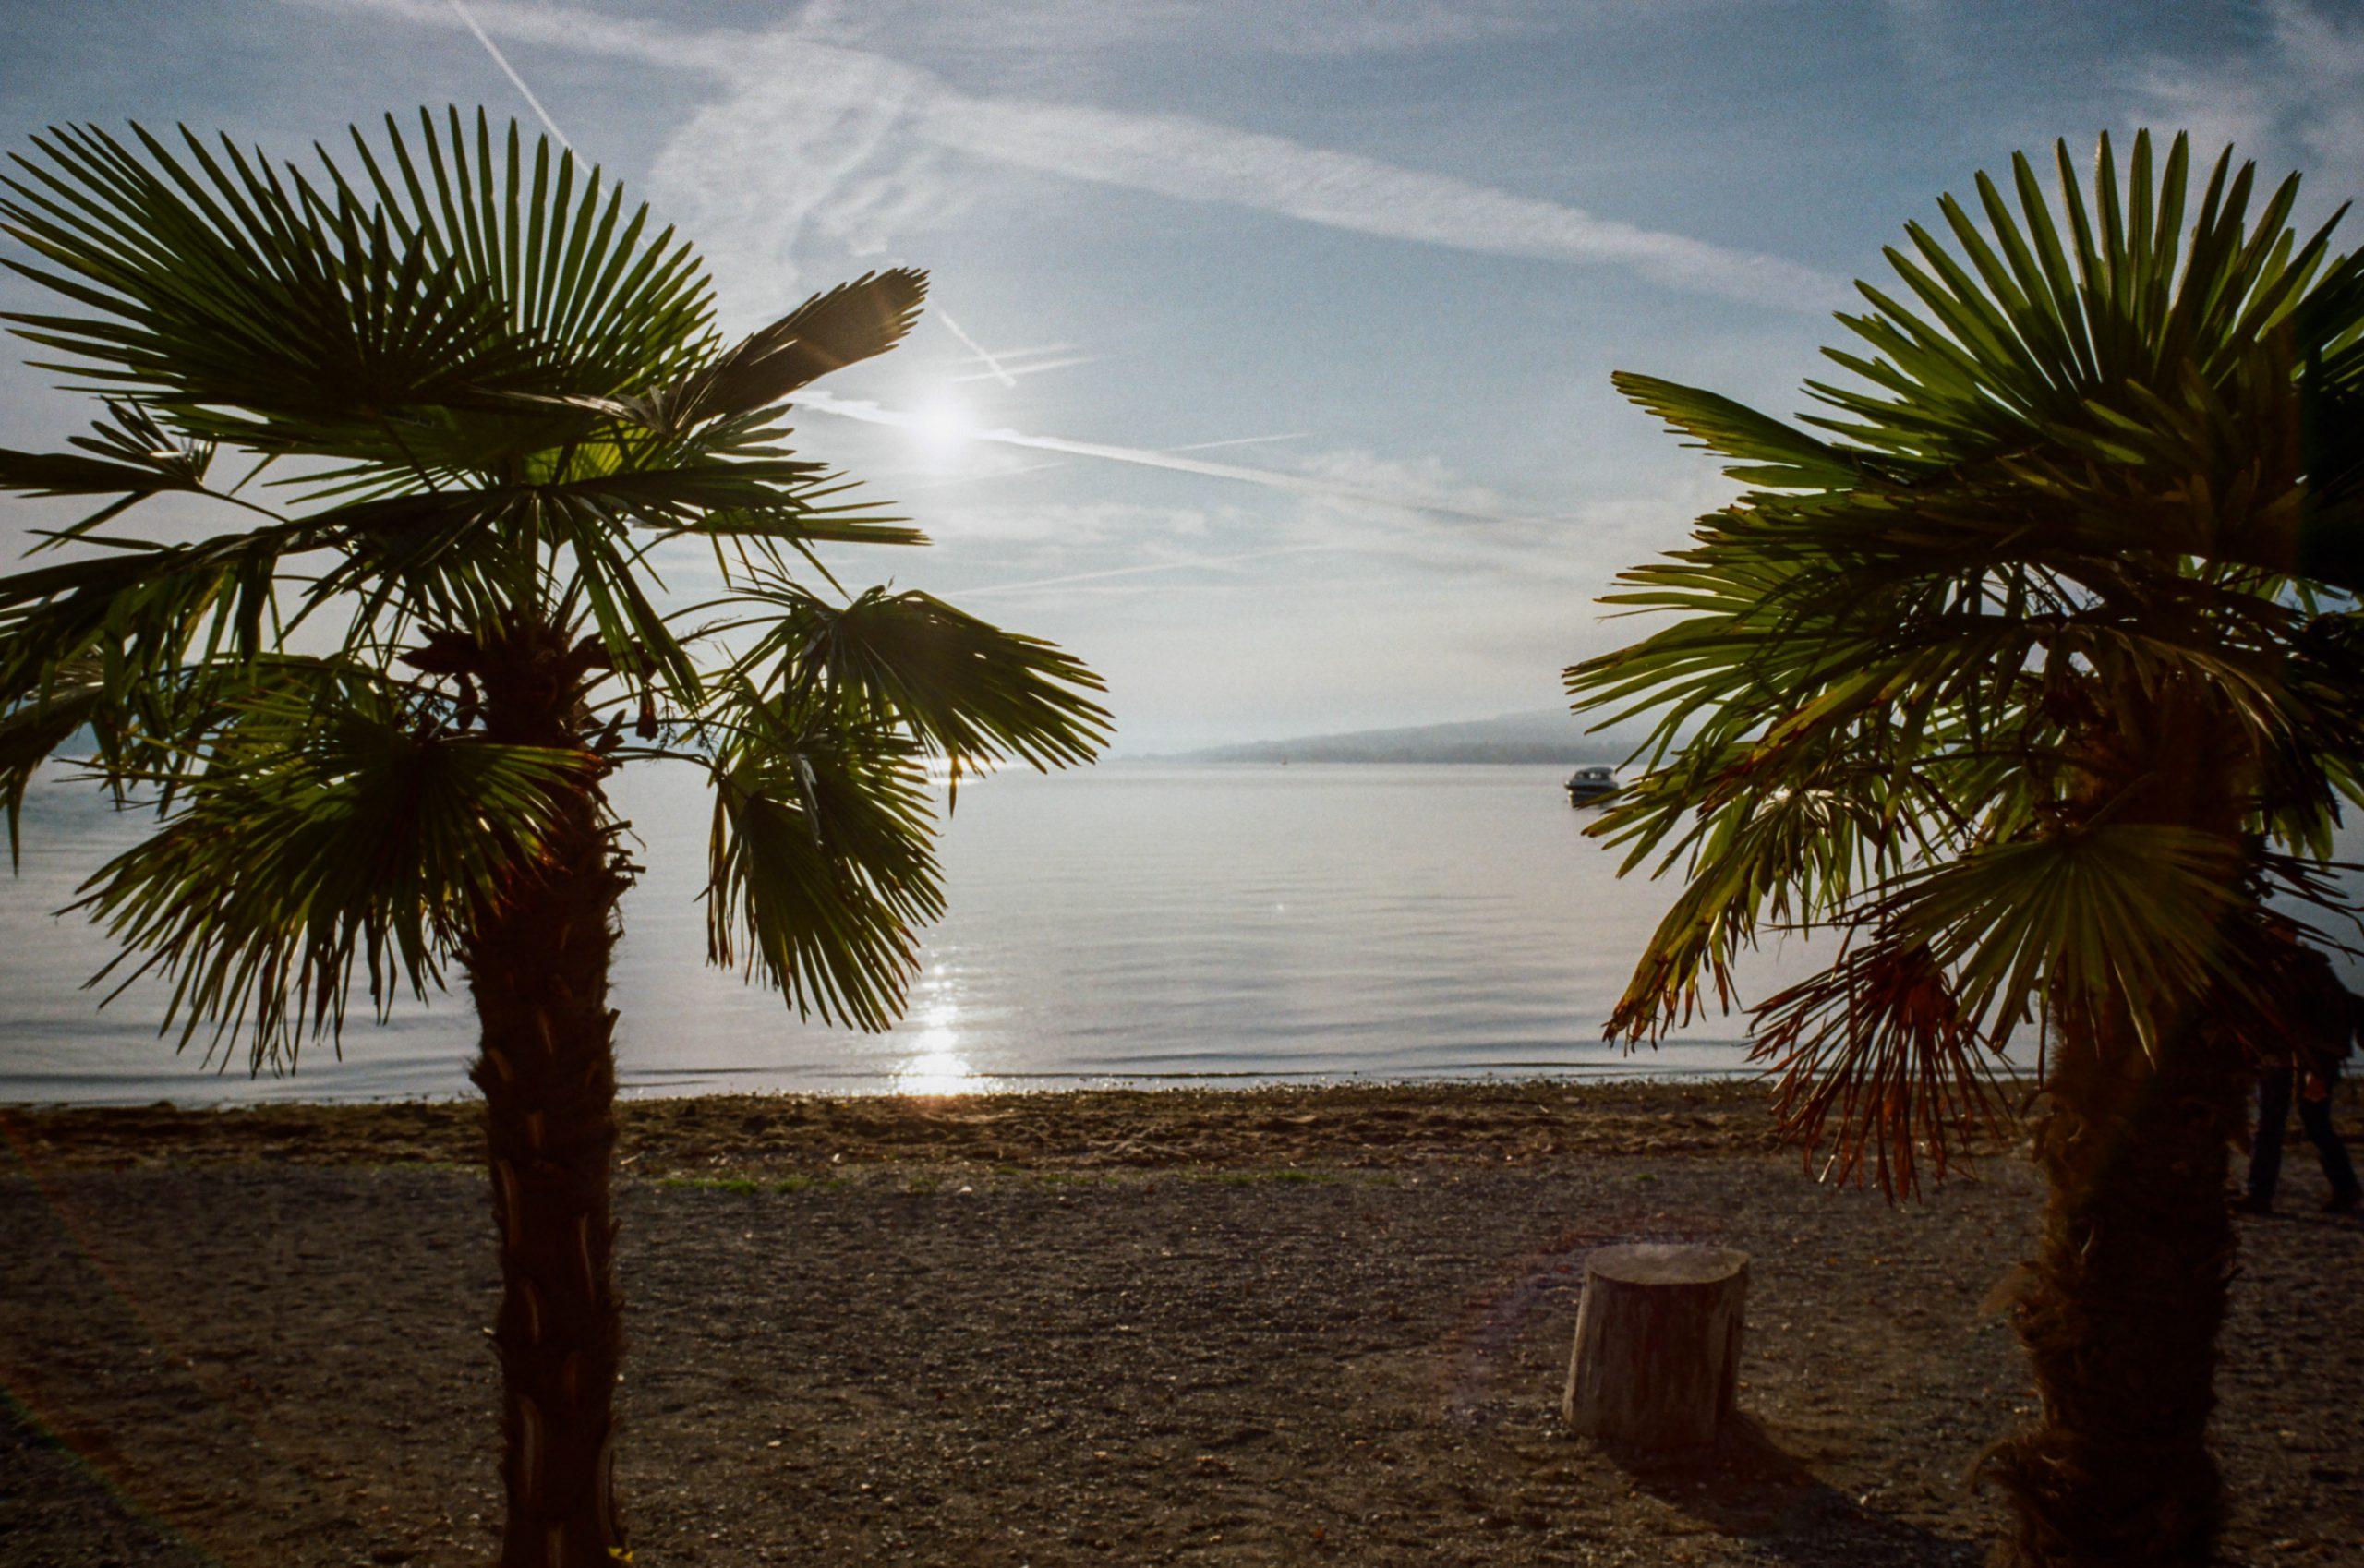 Südsee? Südlicher See. Spitze der Insel Reichenau im Bodensee. Man beachte die Leistung des Objektivs im Gegenlicht. BessaR4M, Voigtländer Color-Skopar 21/4.0. Kodak ProImage100.